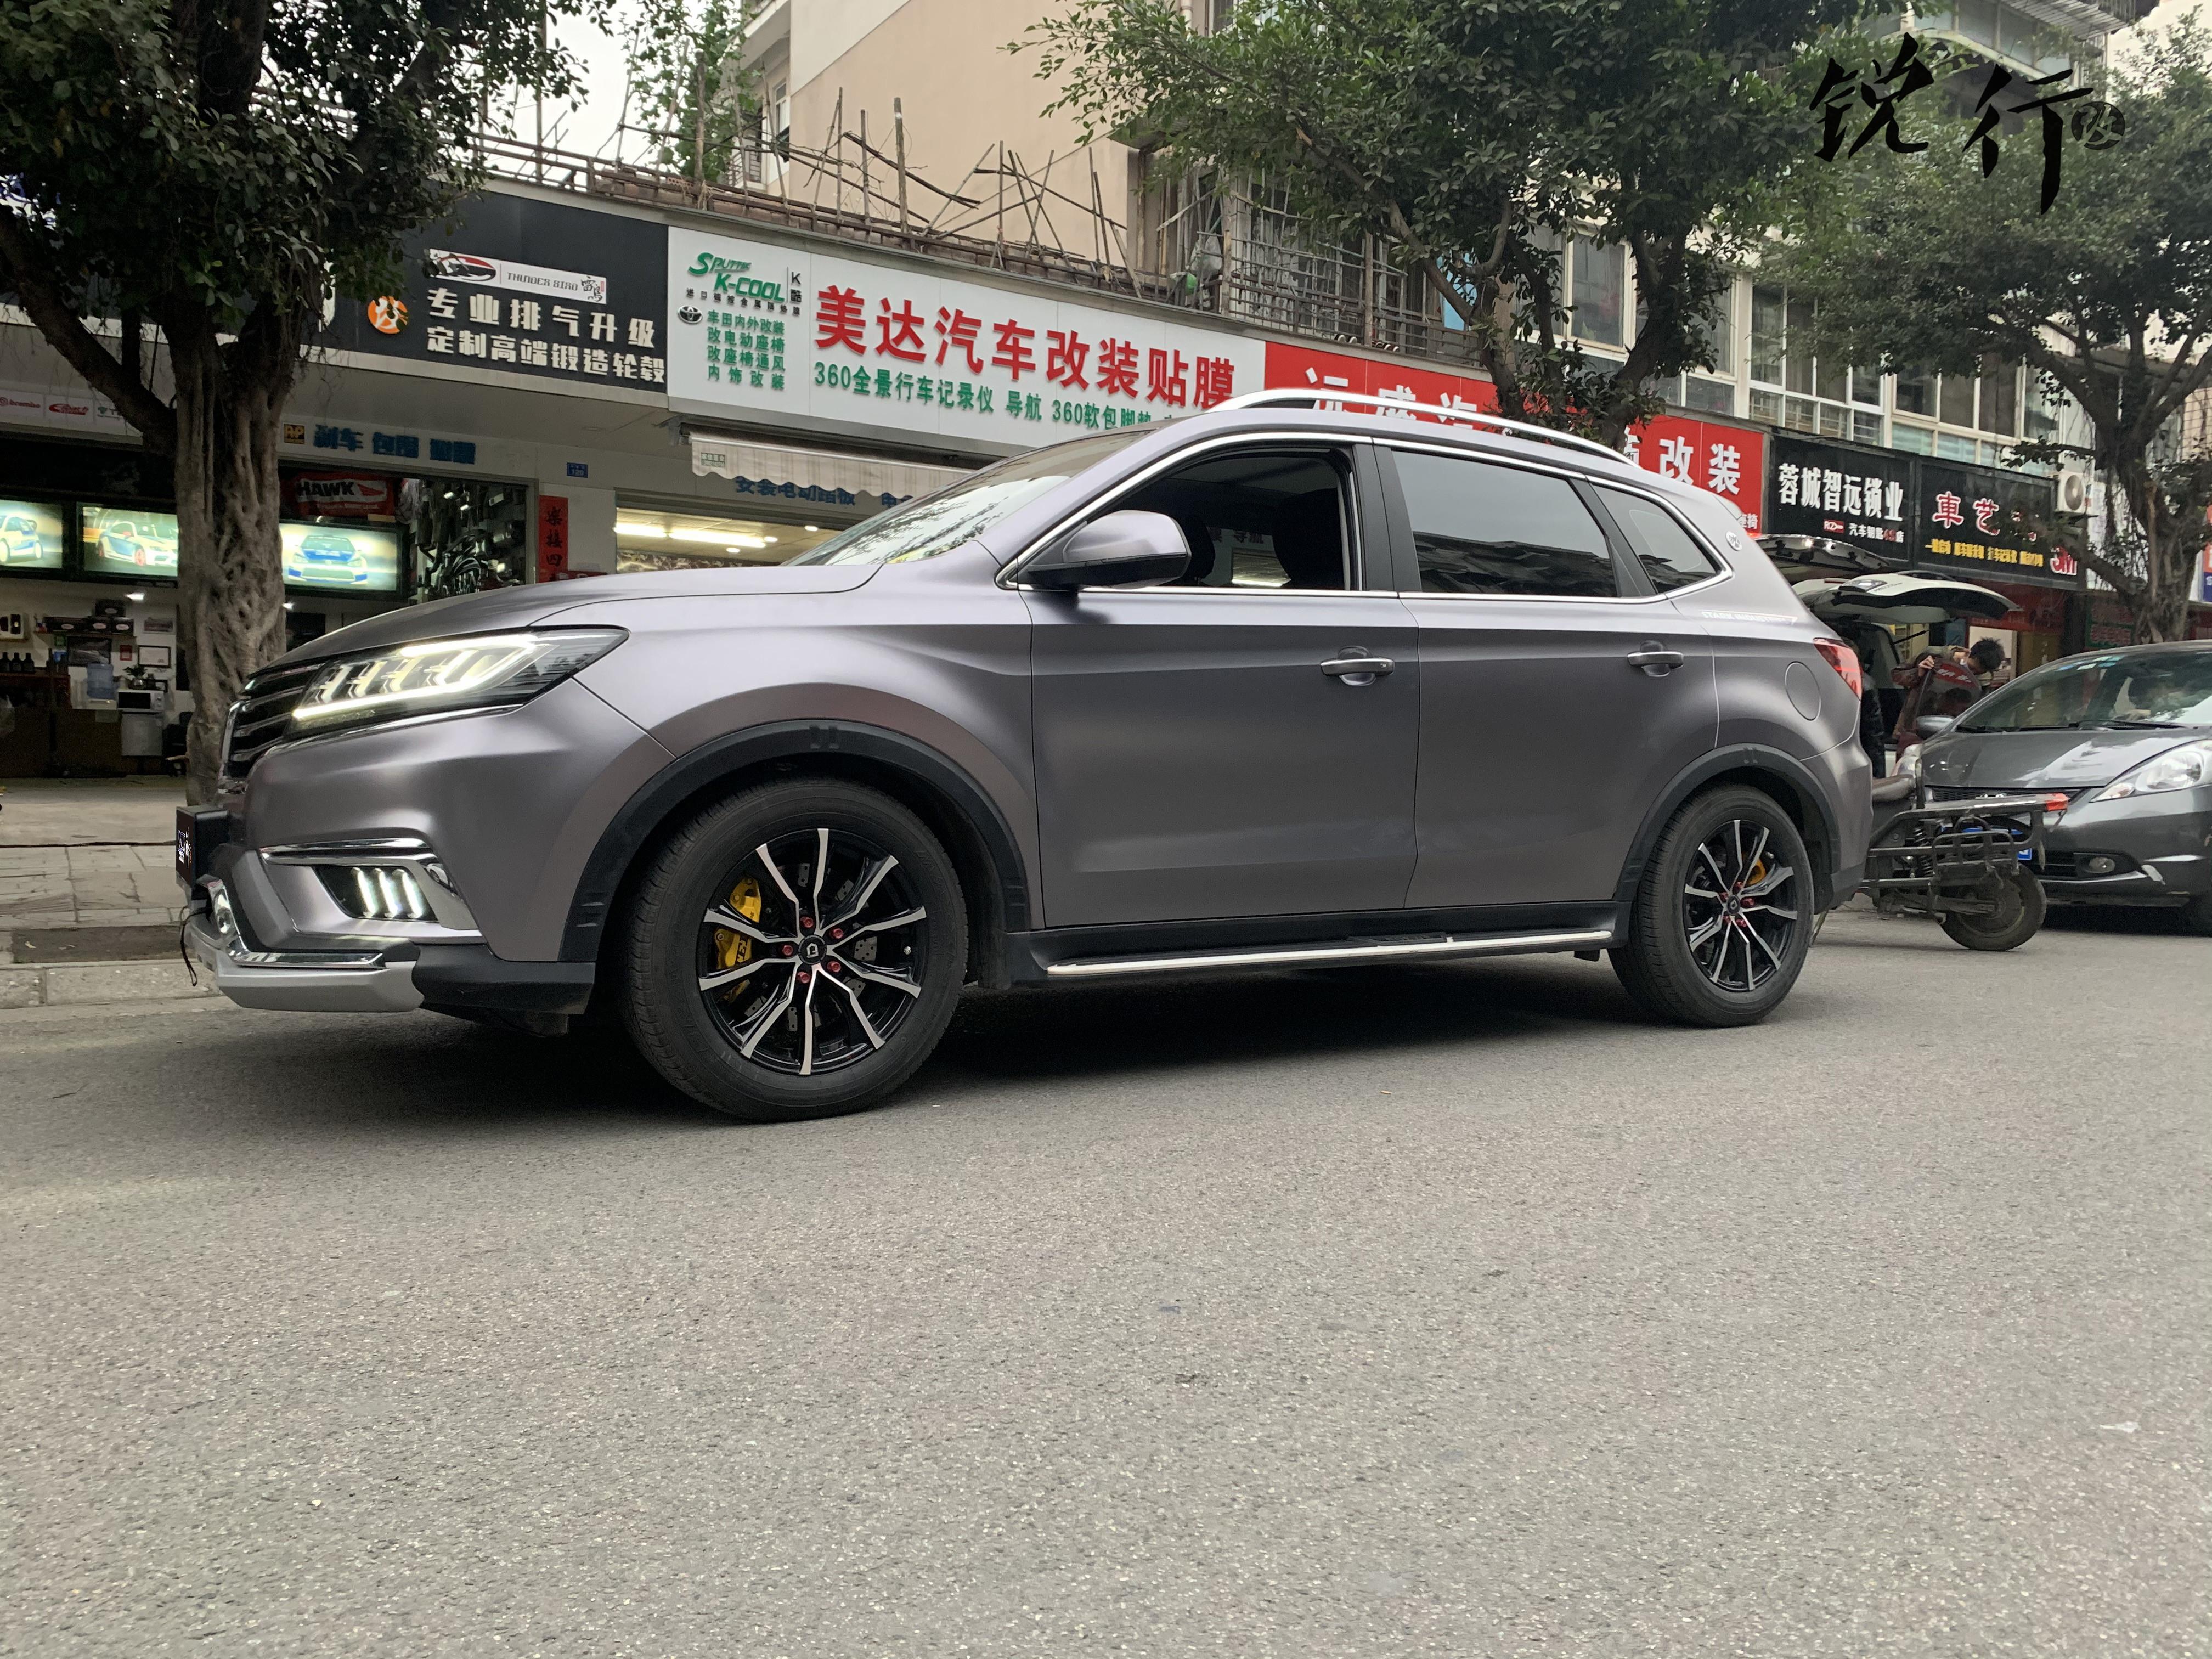 荣威RX5改装border避震器降低车身高度